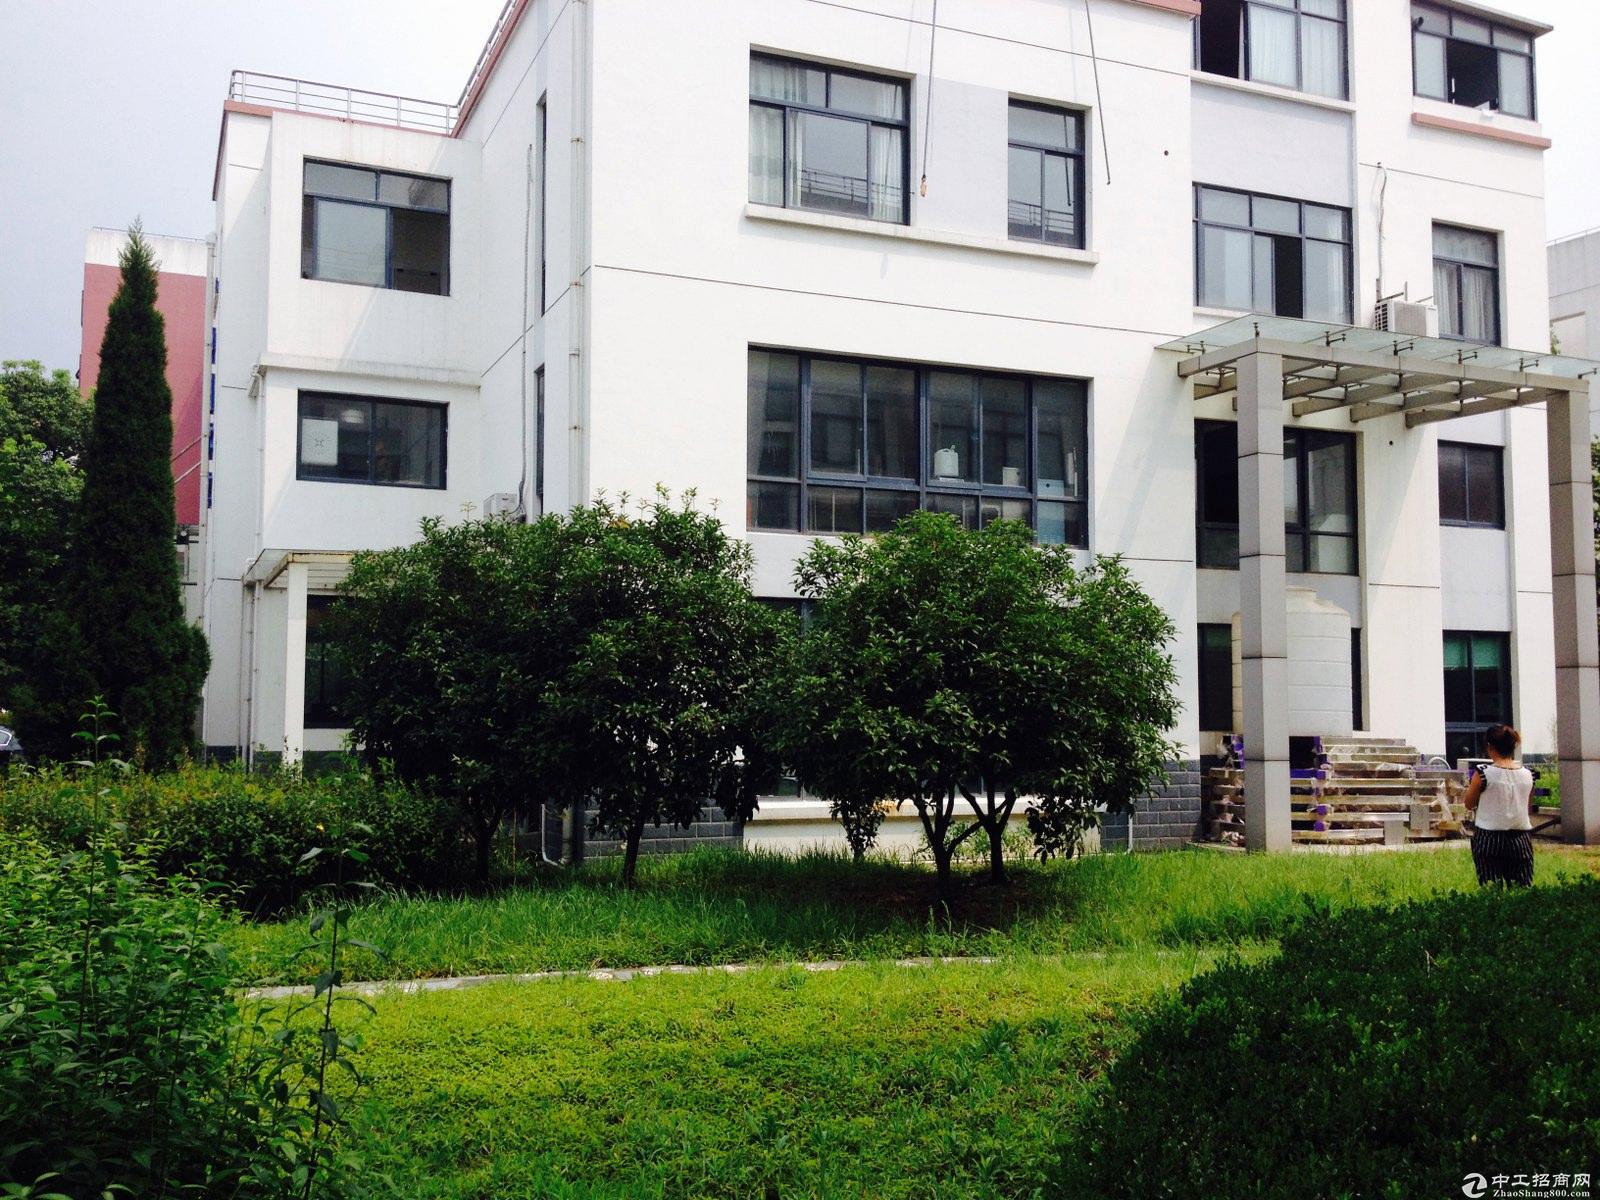 松江新桥独栋977平方有装修办公总部50年工业厂房出售-图4